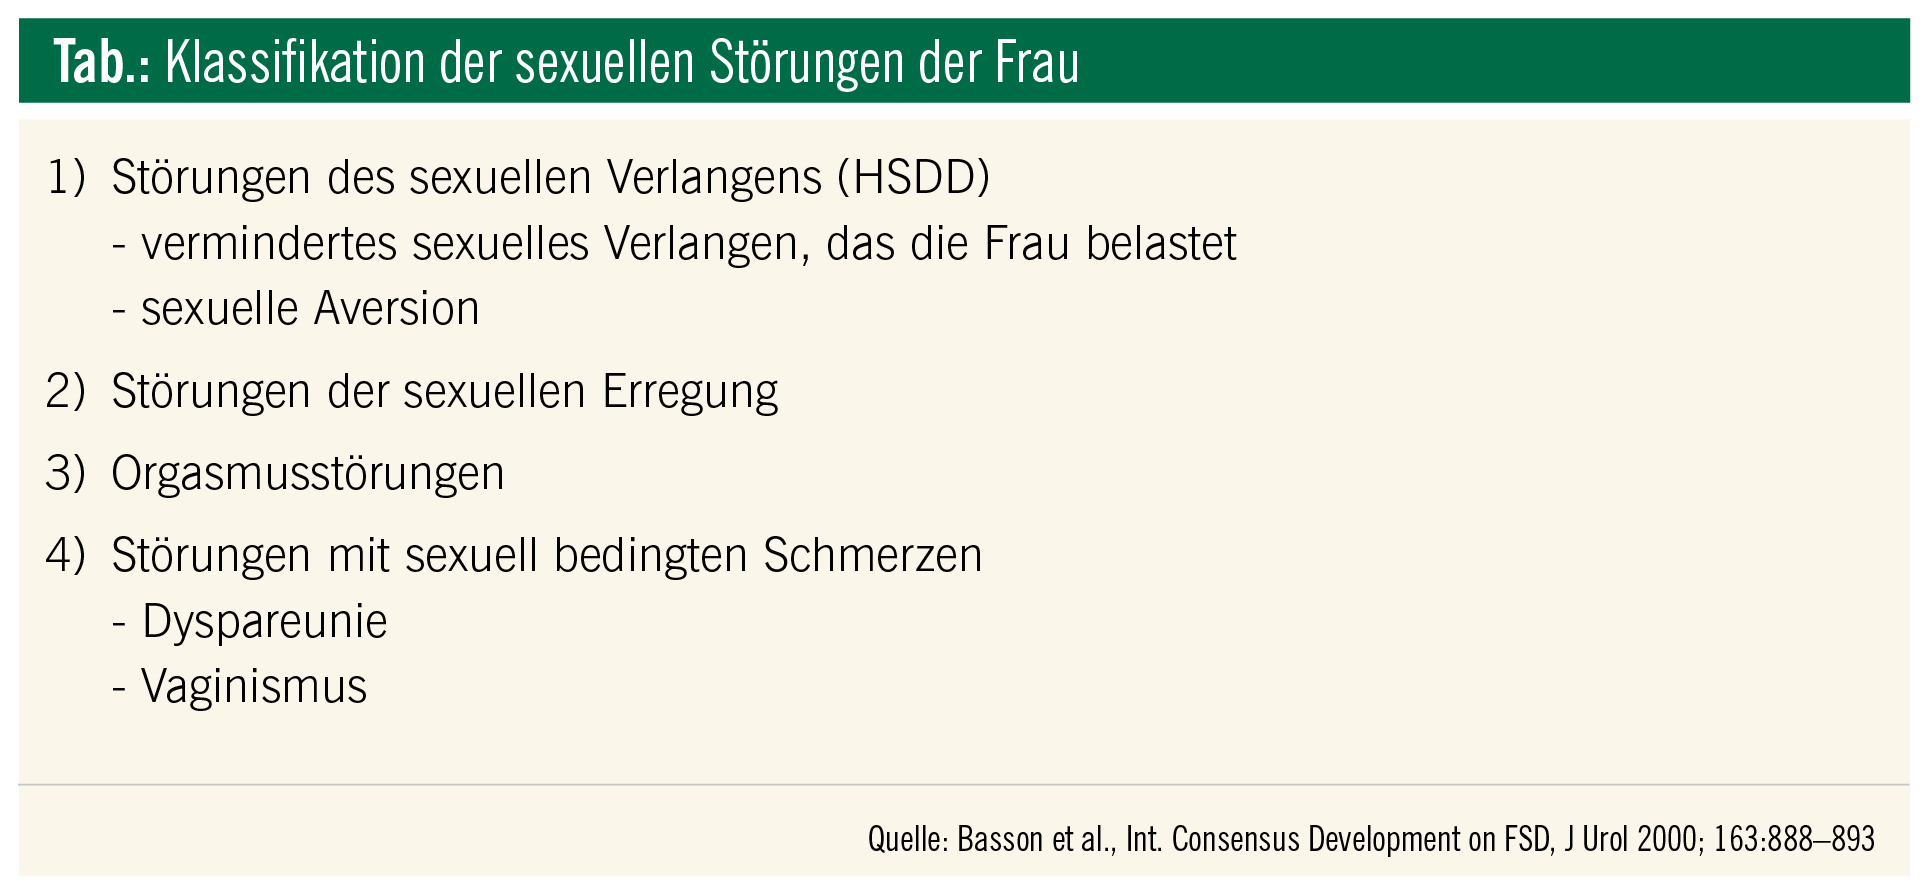 Charmant Sexuelle Anatomie Diagramm Ideen - Anatomie Ideen - finotti ...